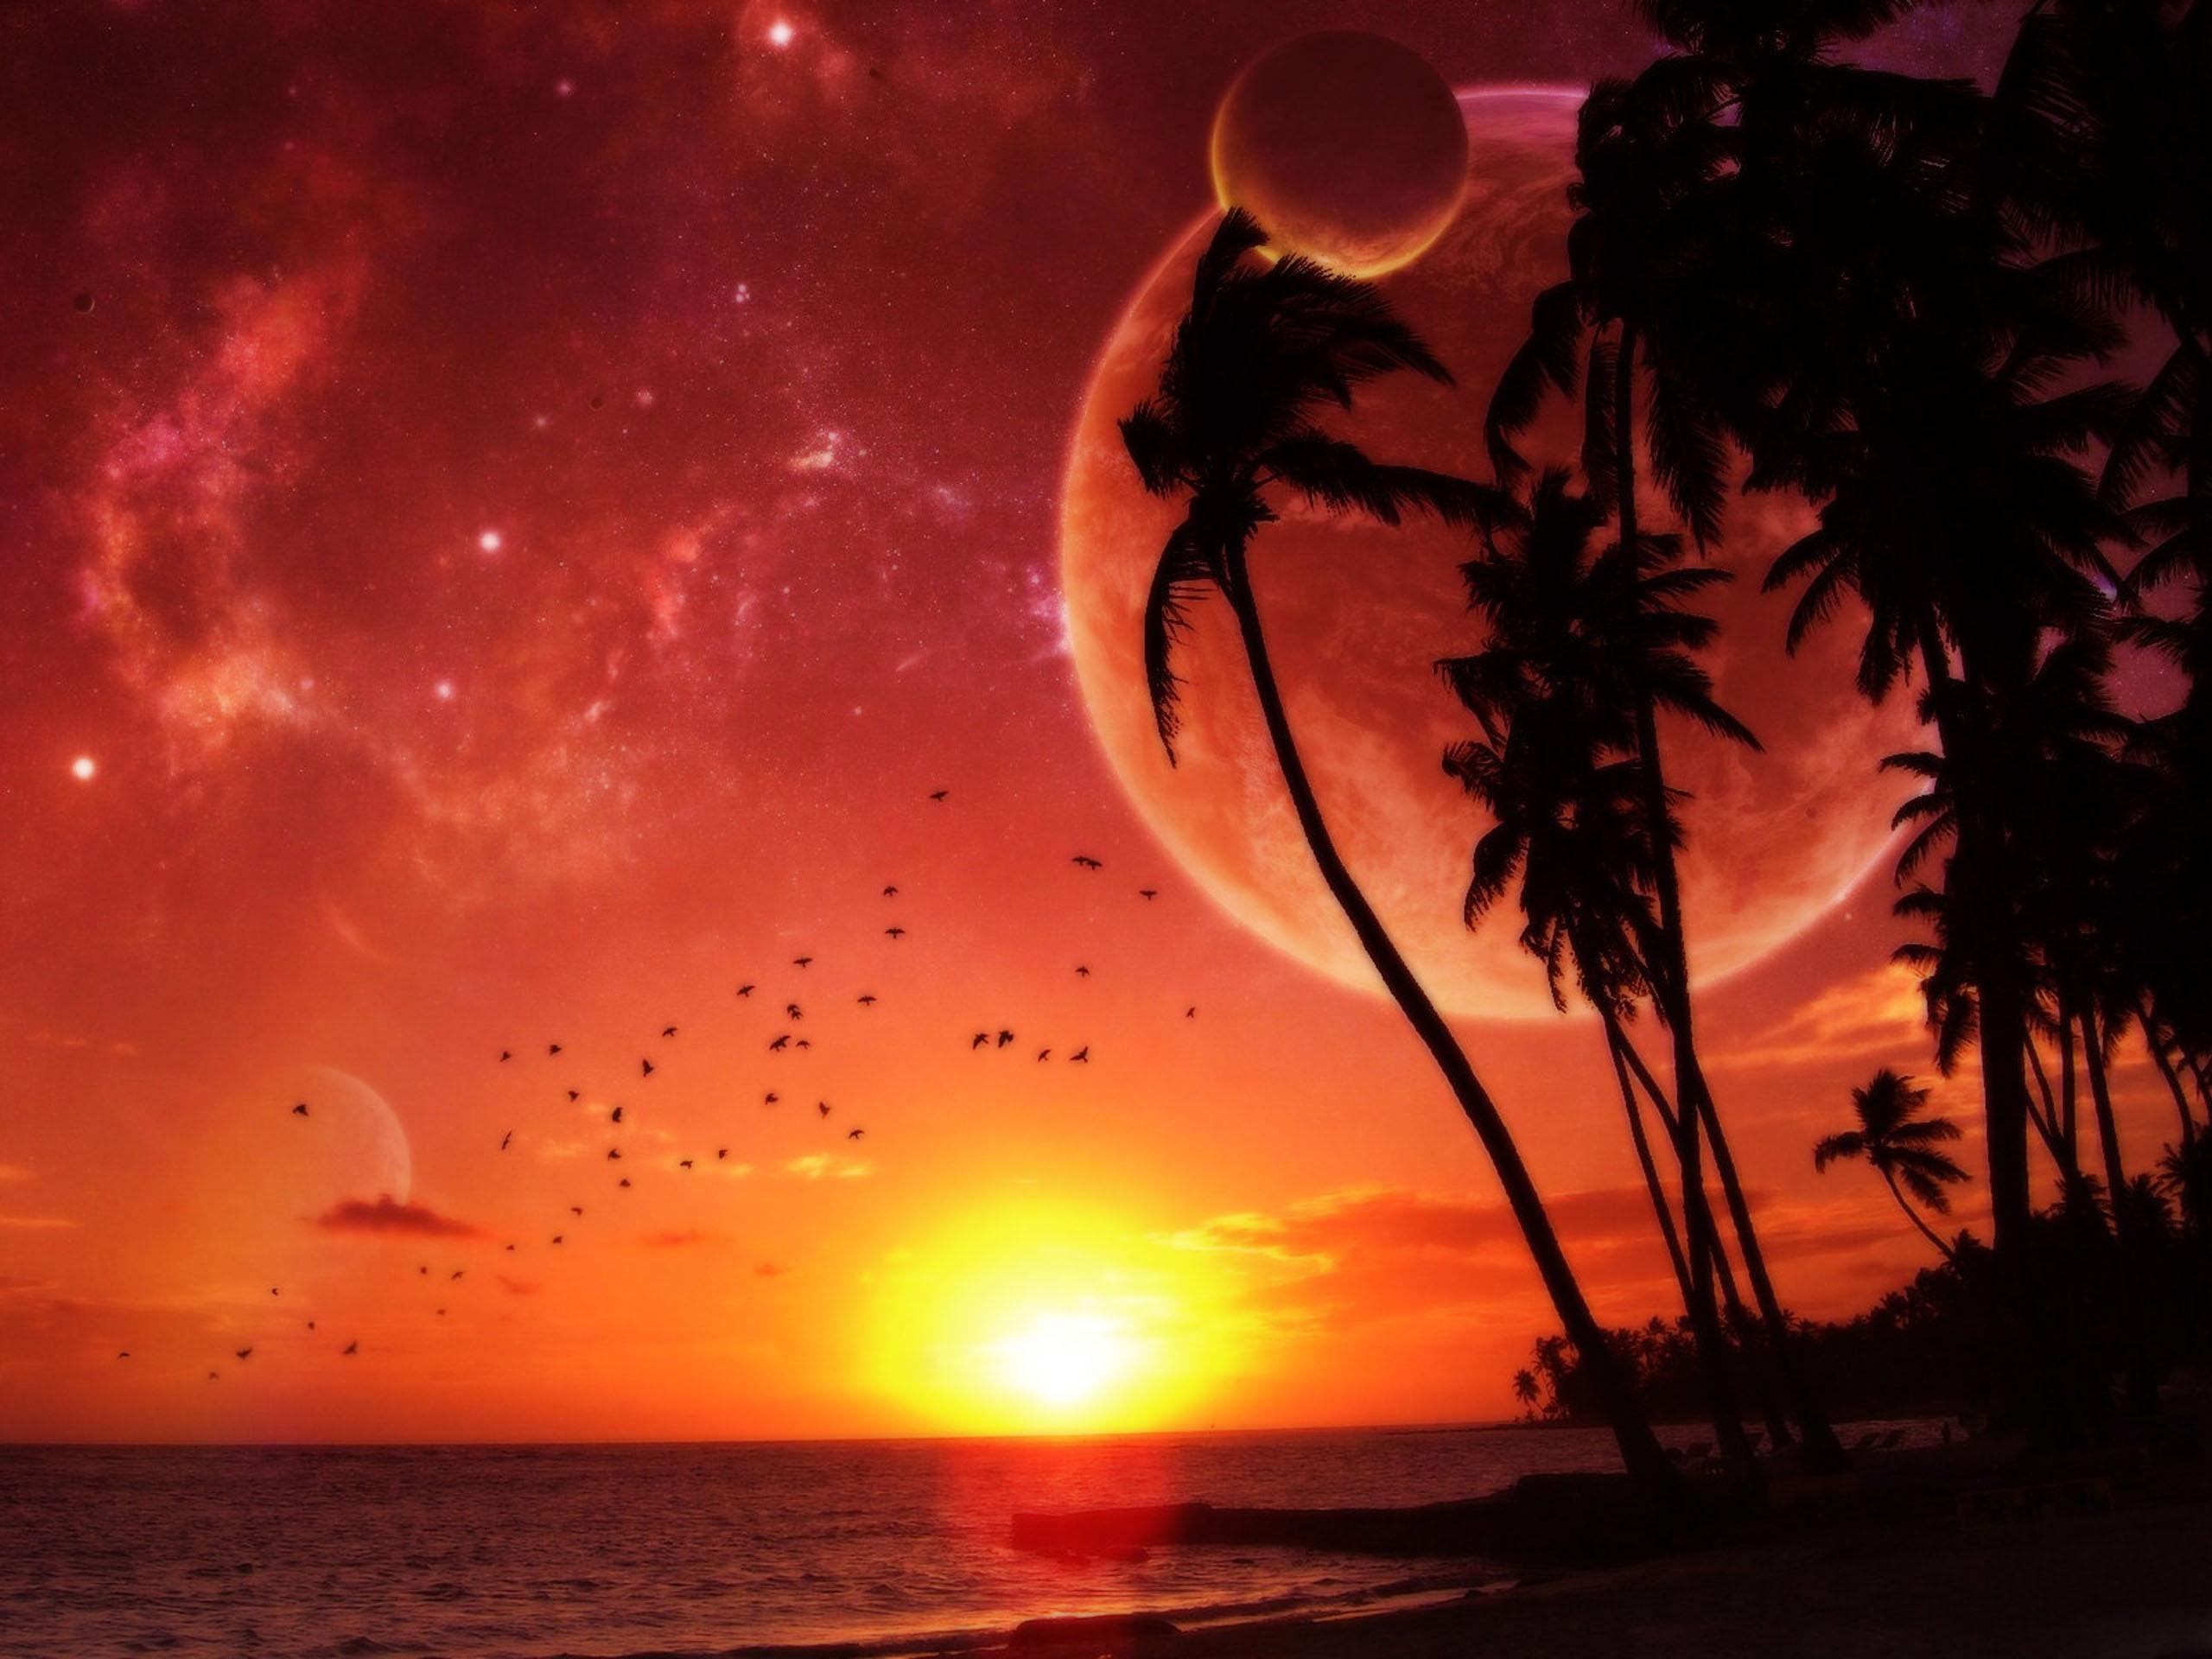 Побережье на фоне других планет без смс